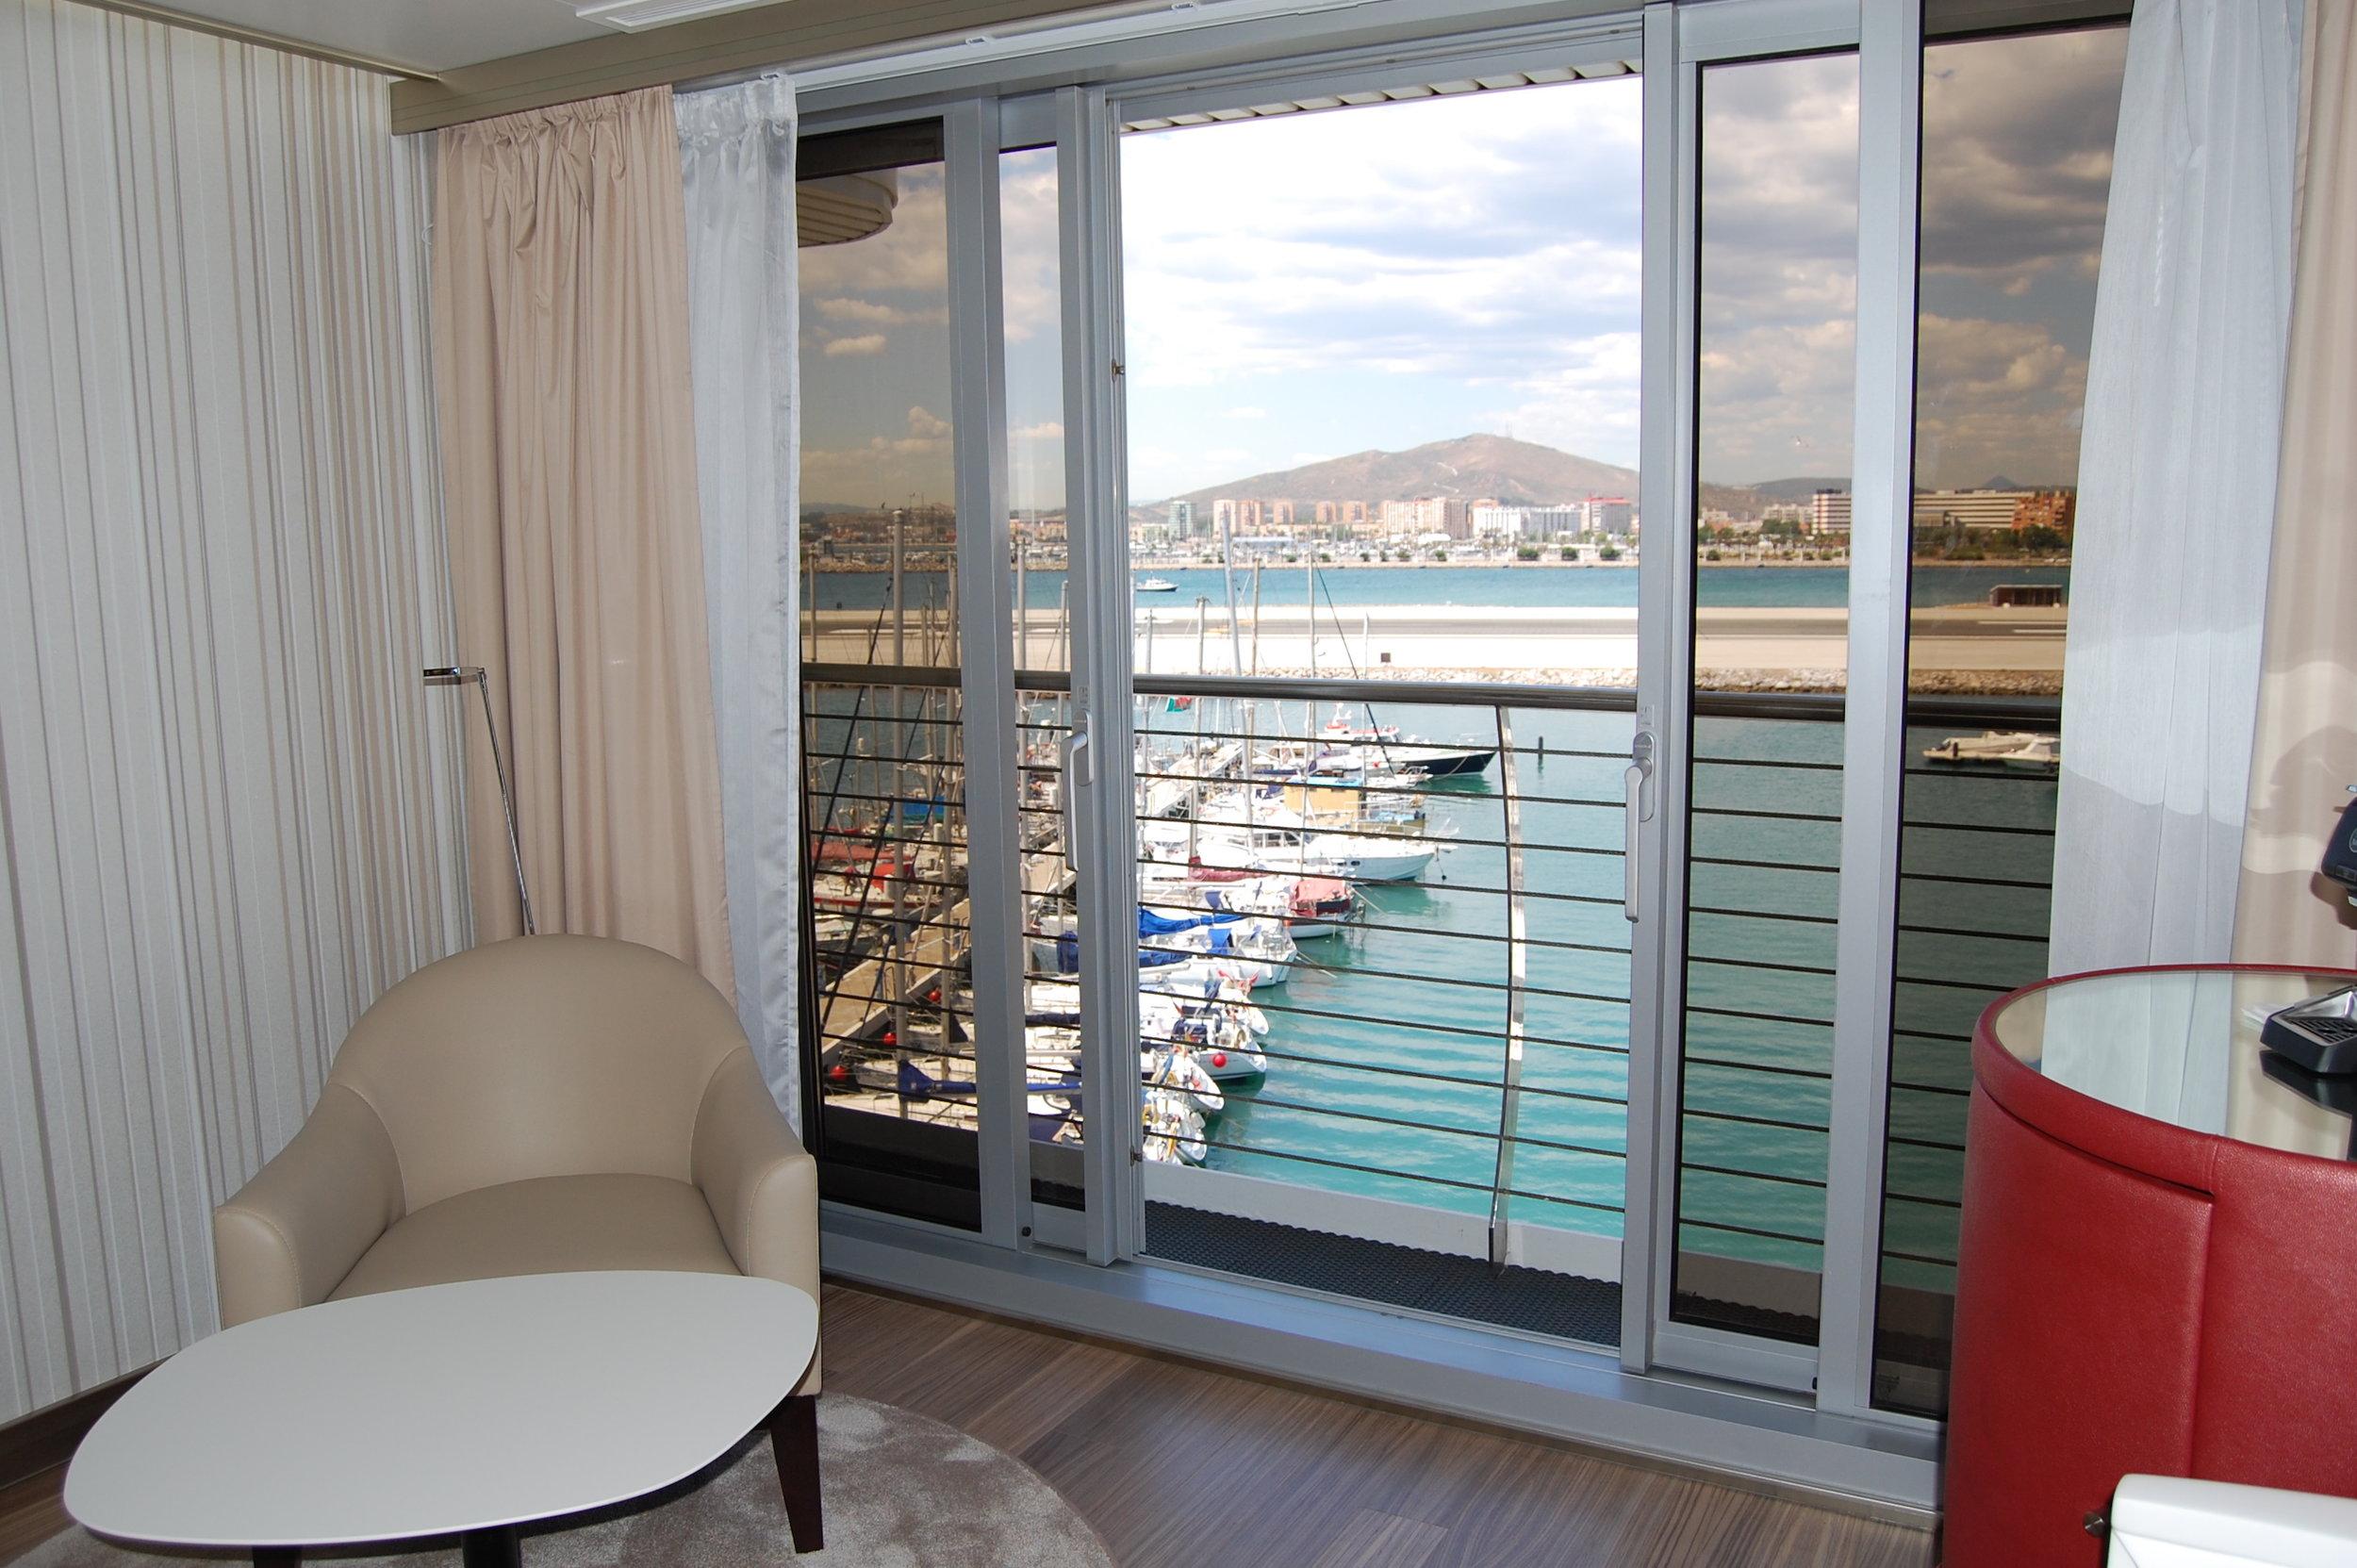 suite-views.JPG